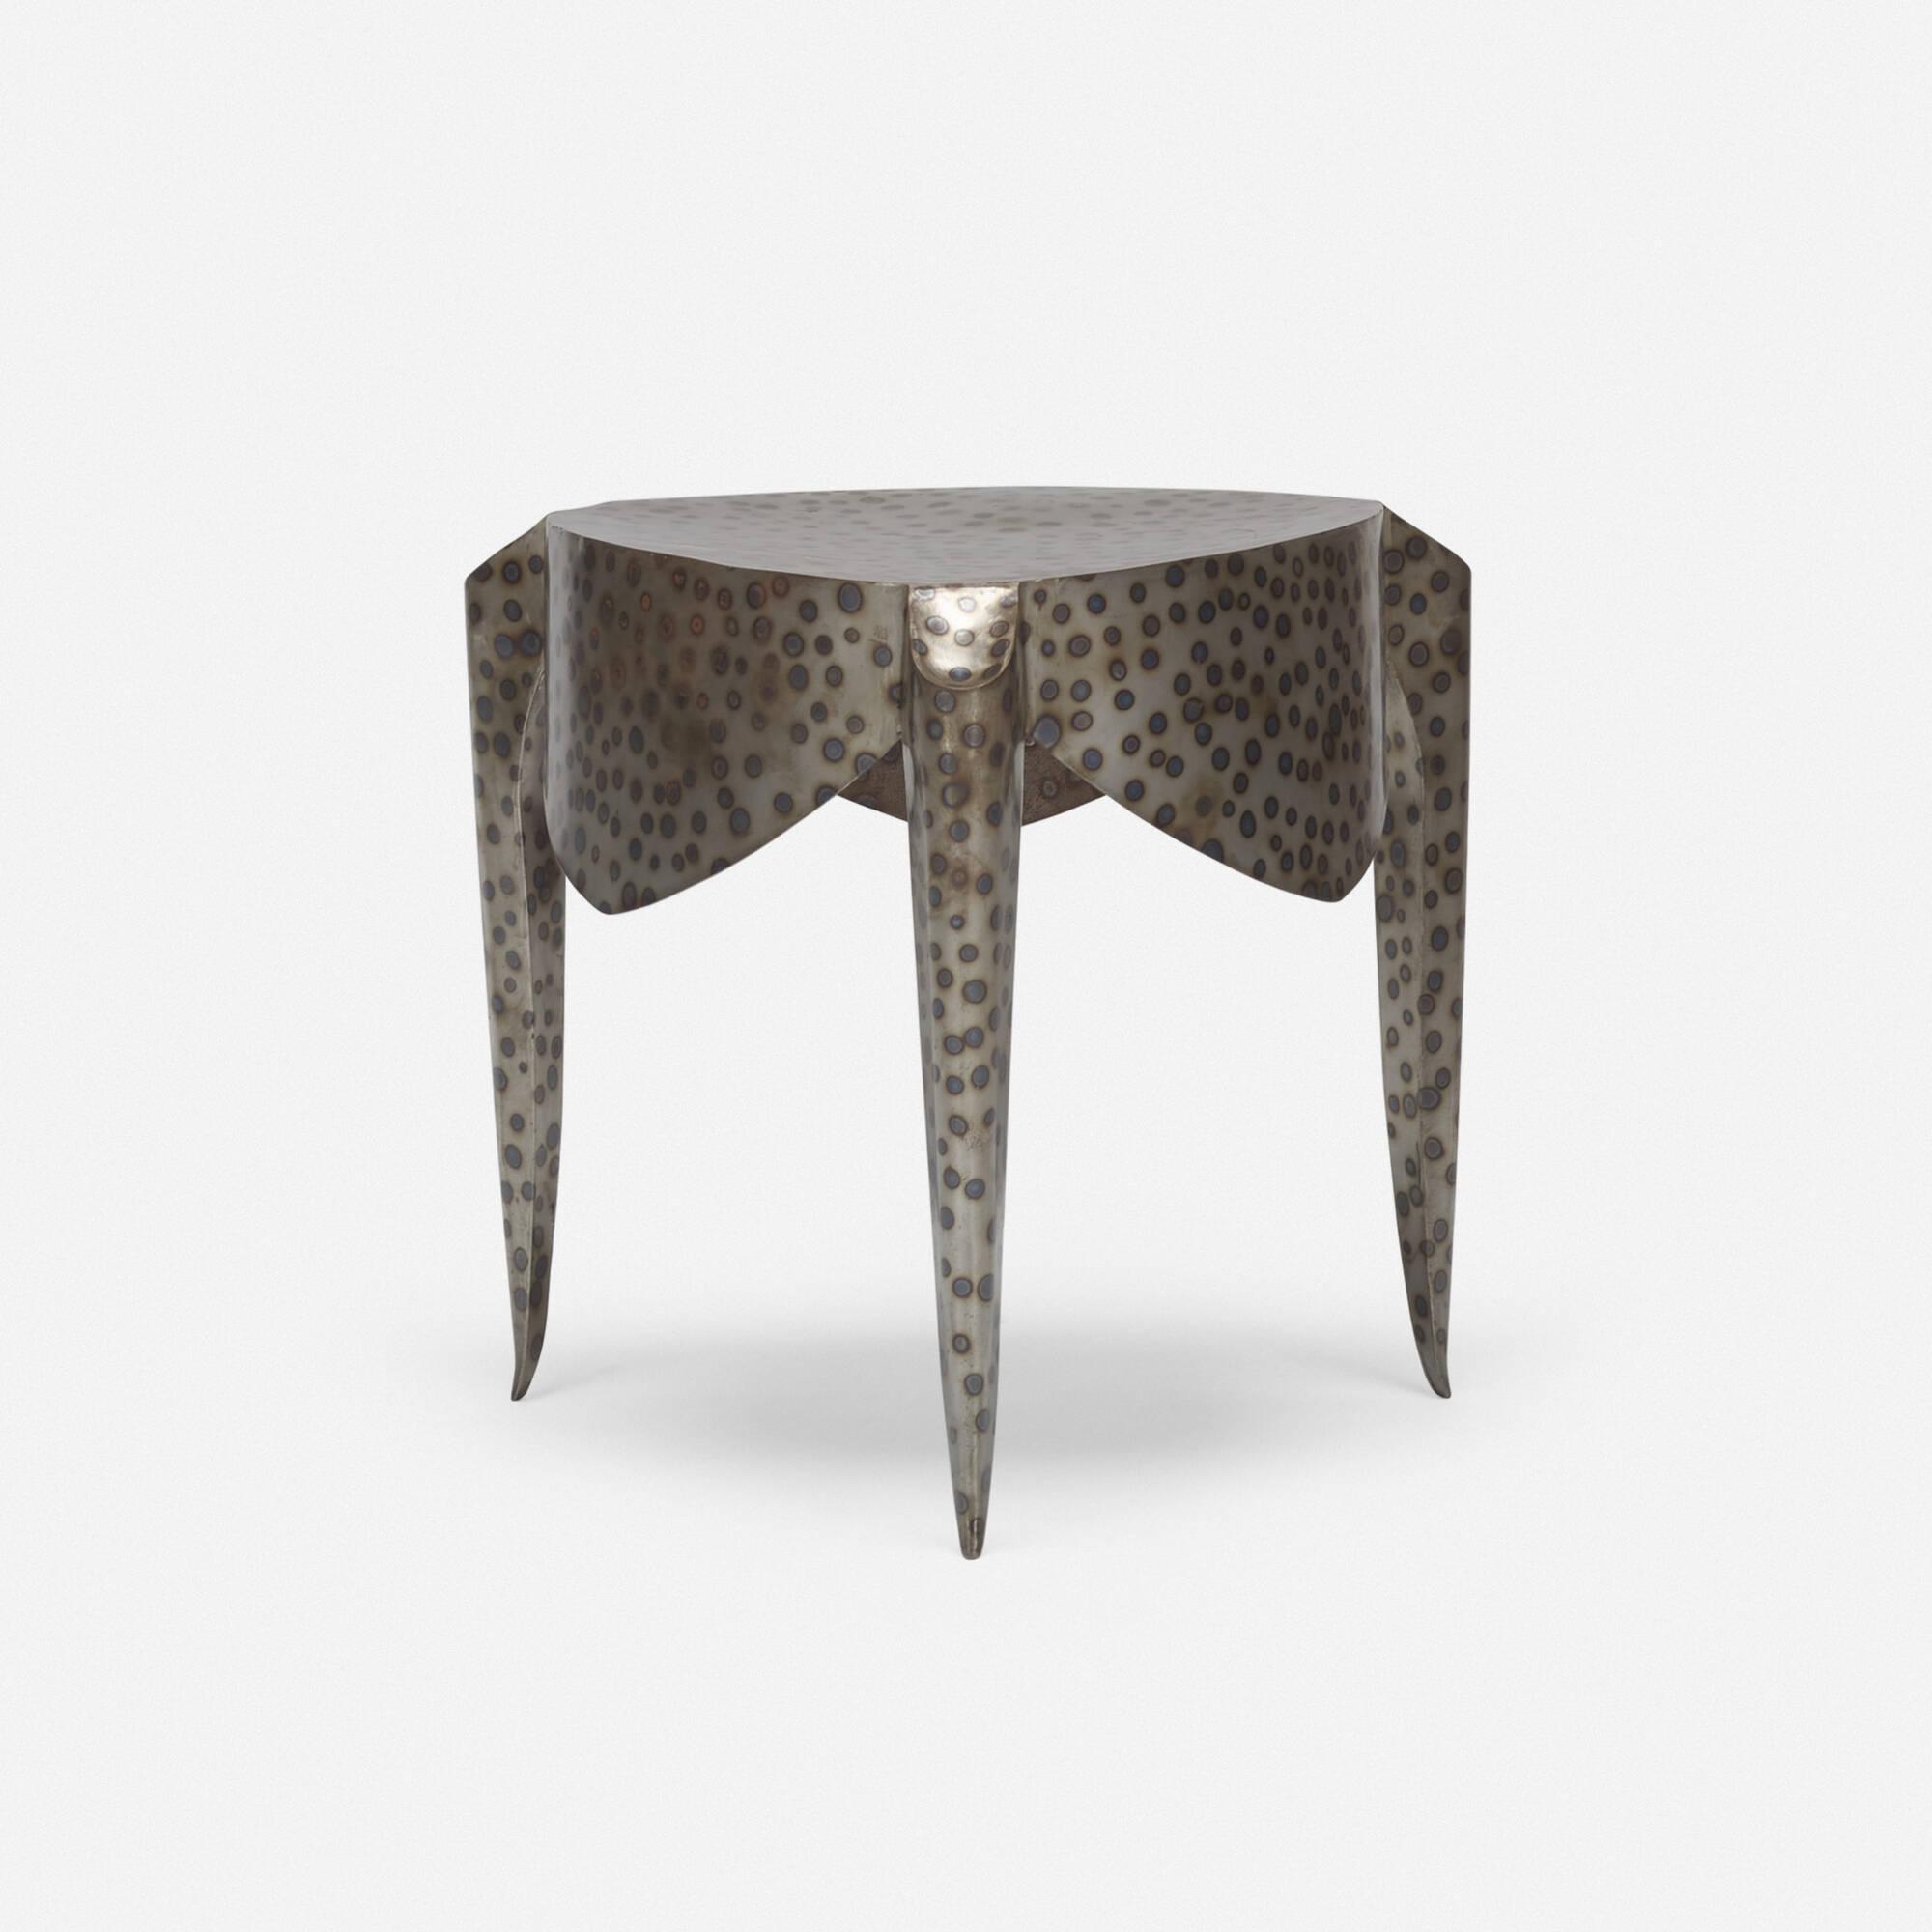 382: André Dubreuil / Paris stool (1 of 2)